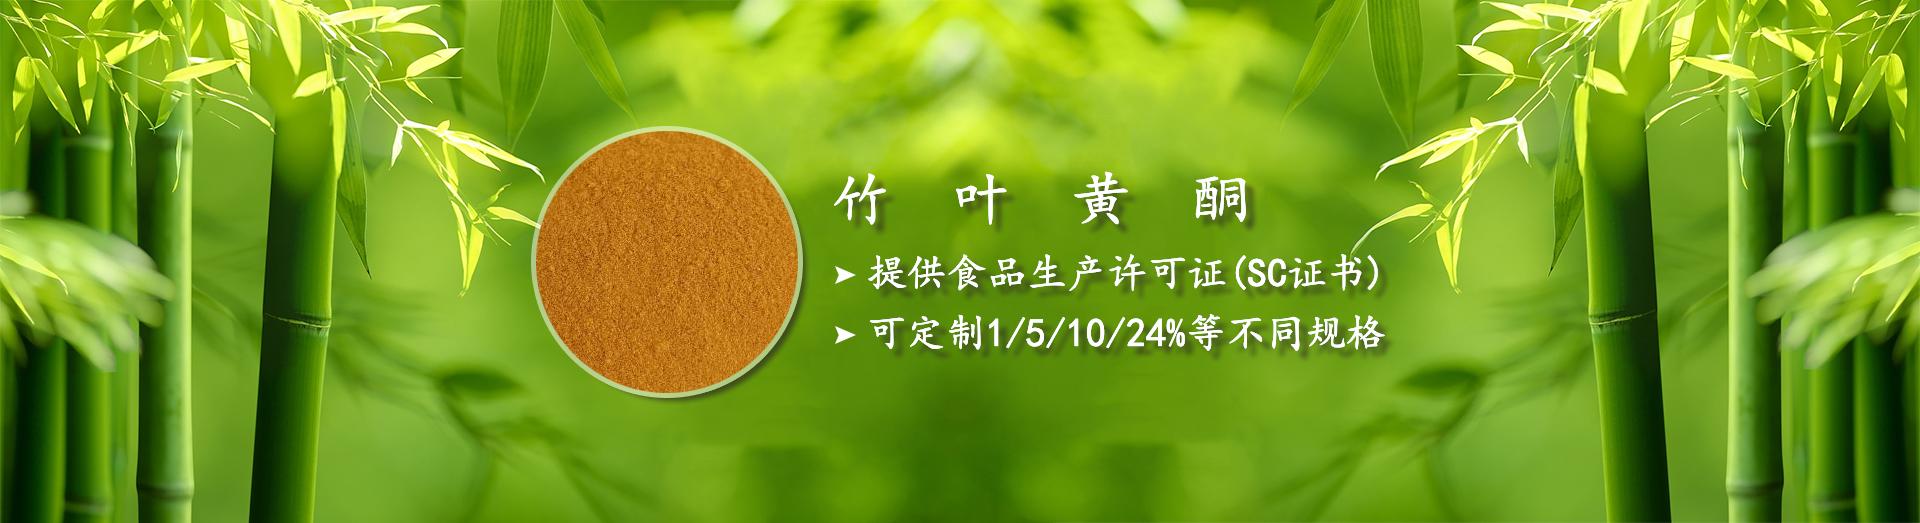 竹叶黄酮生产商